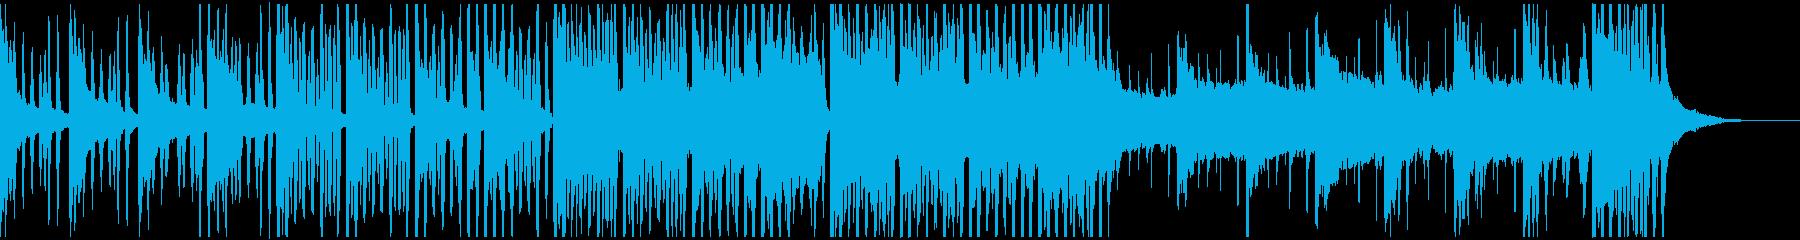 企業VP・フレッシュ・新卒・一歩 Lの再生済みの波形